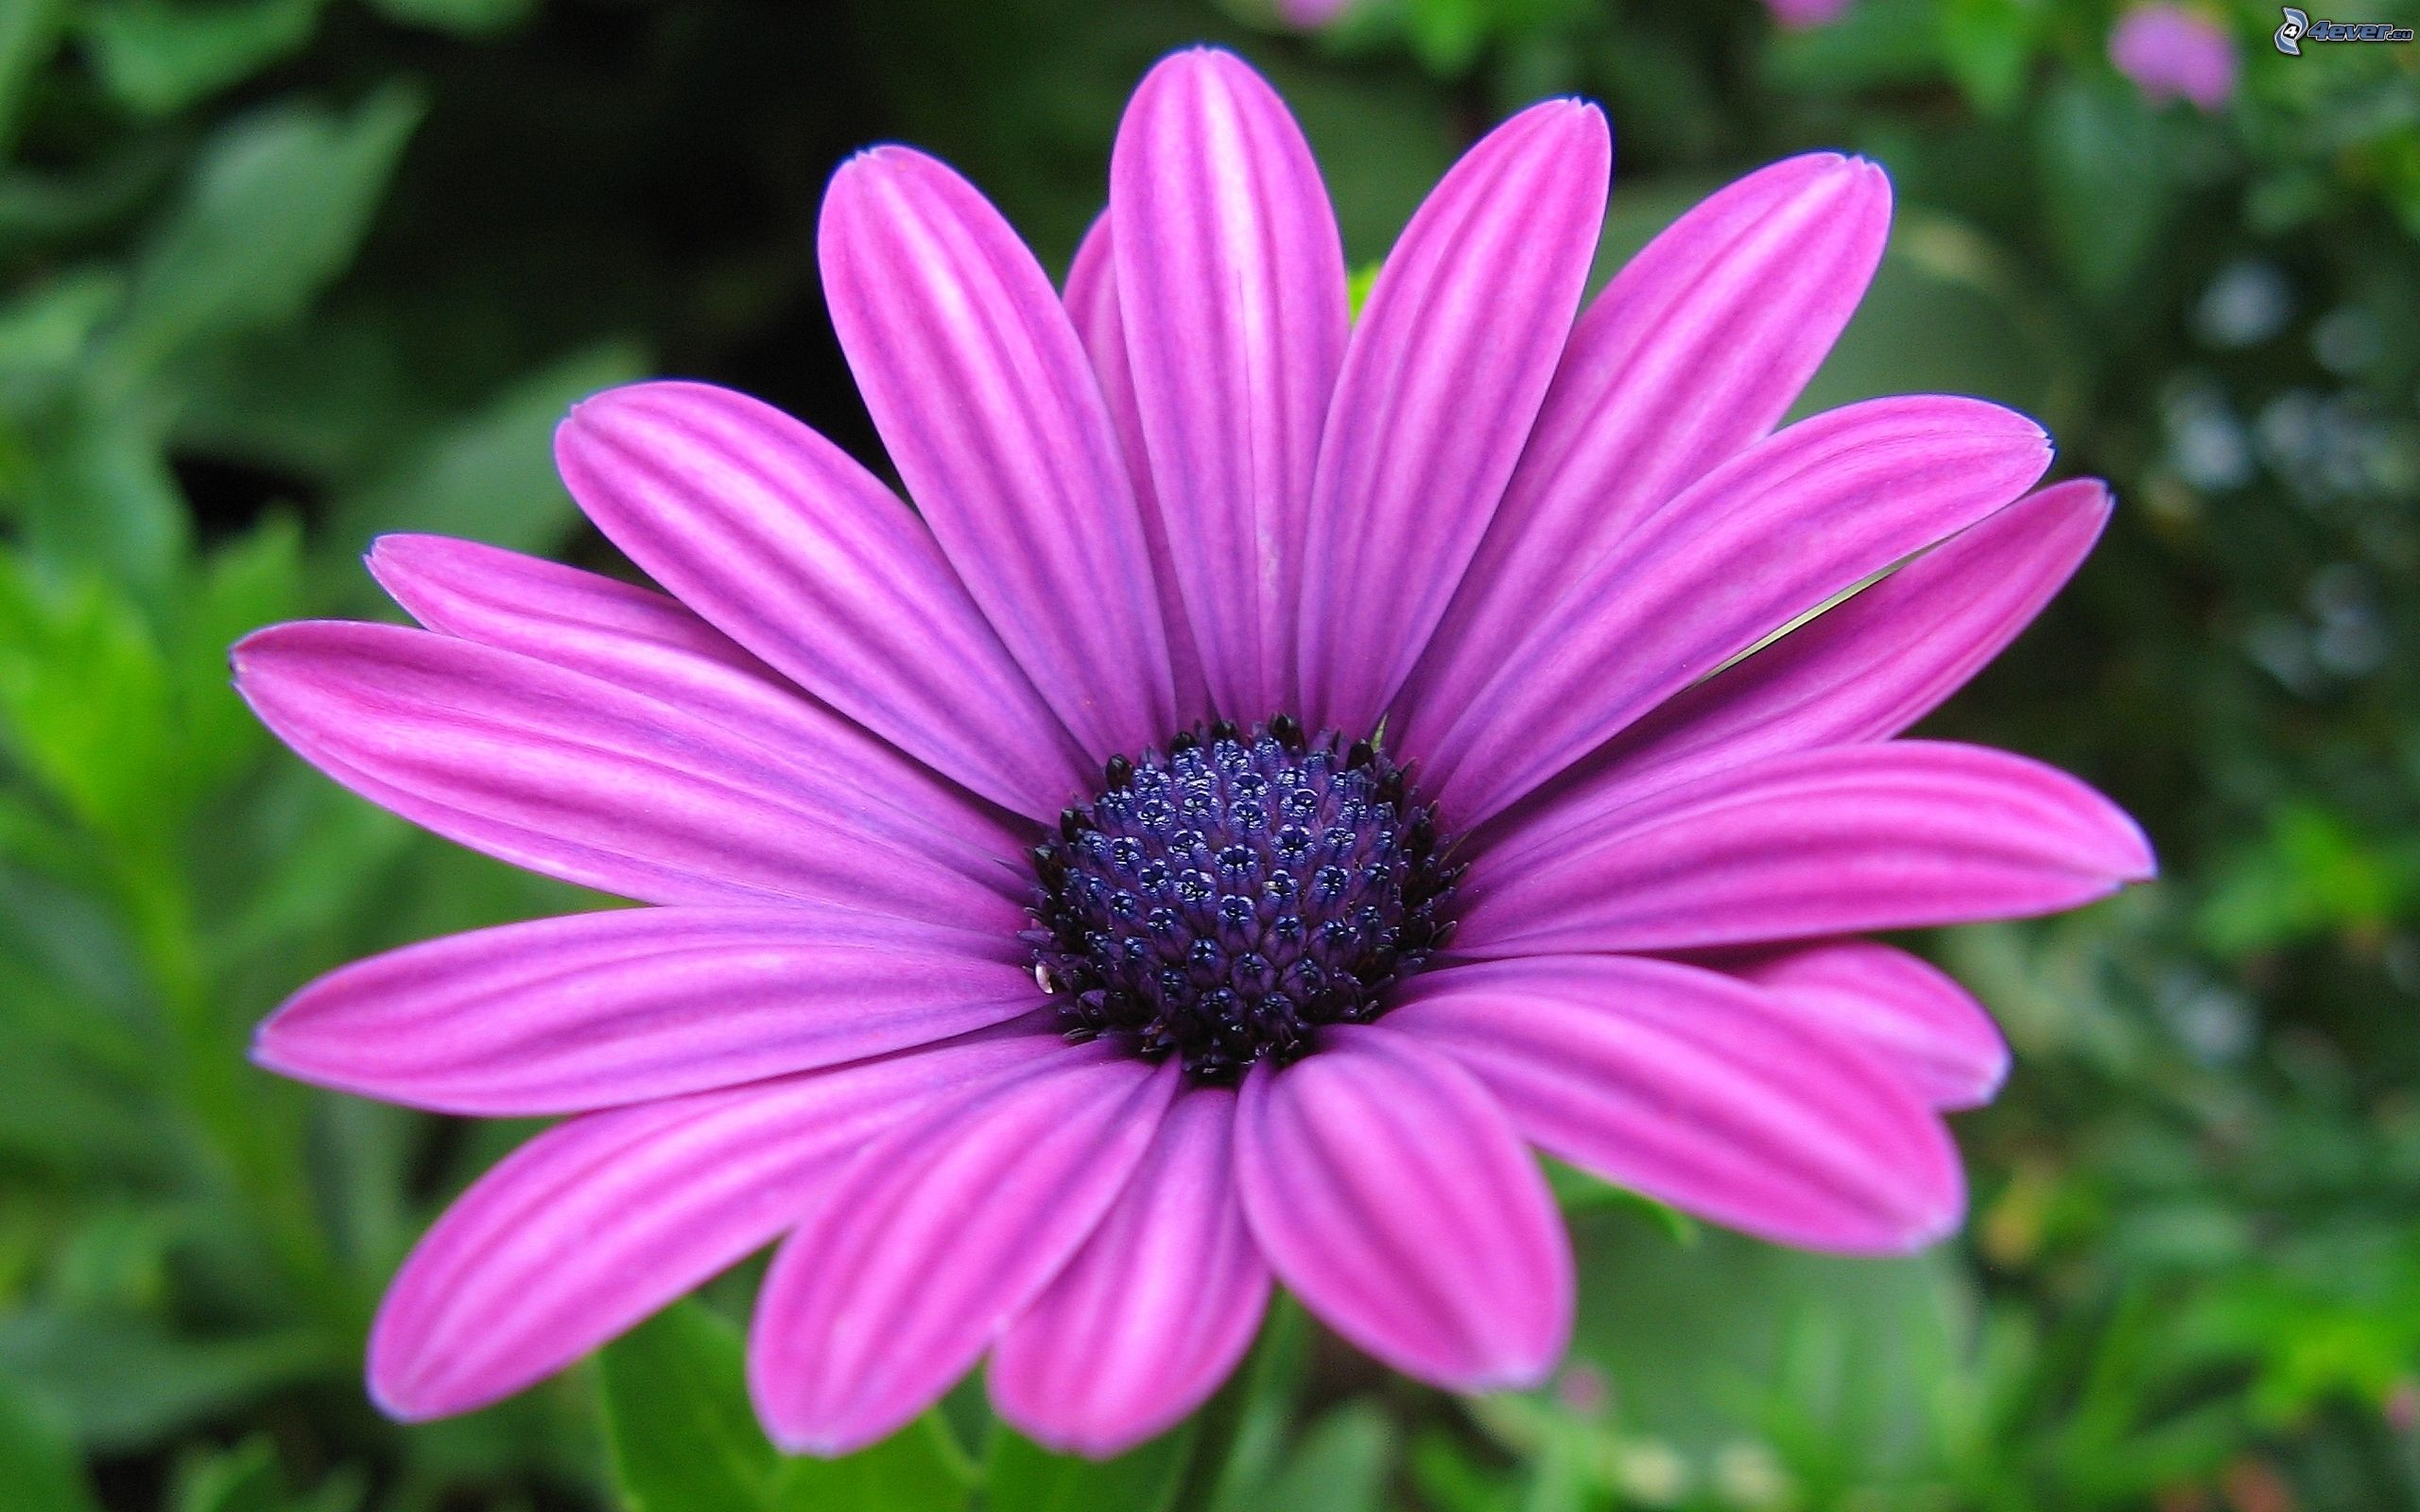 Fleur violette - Image fleur violette ...